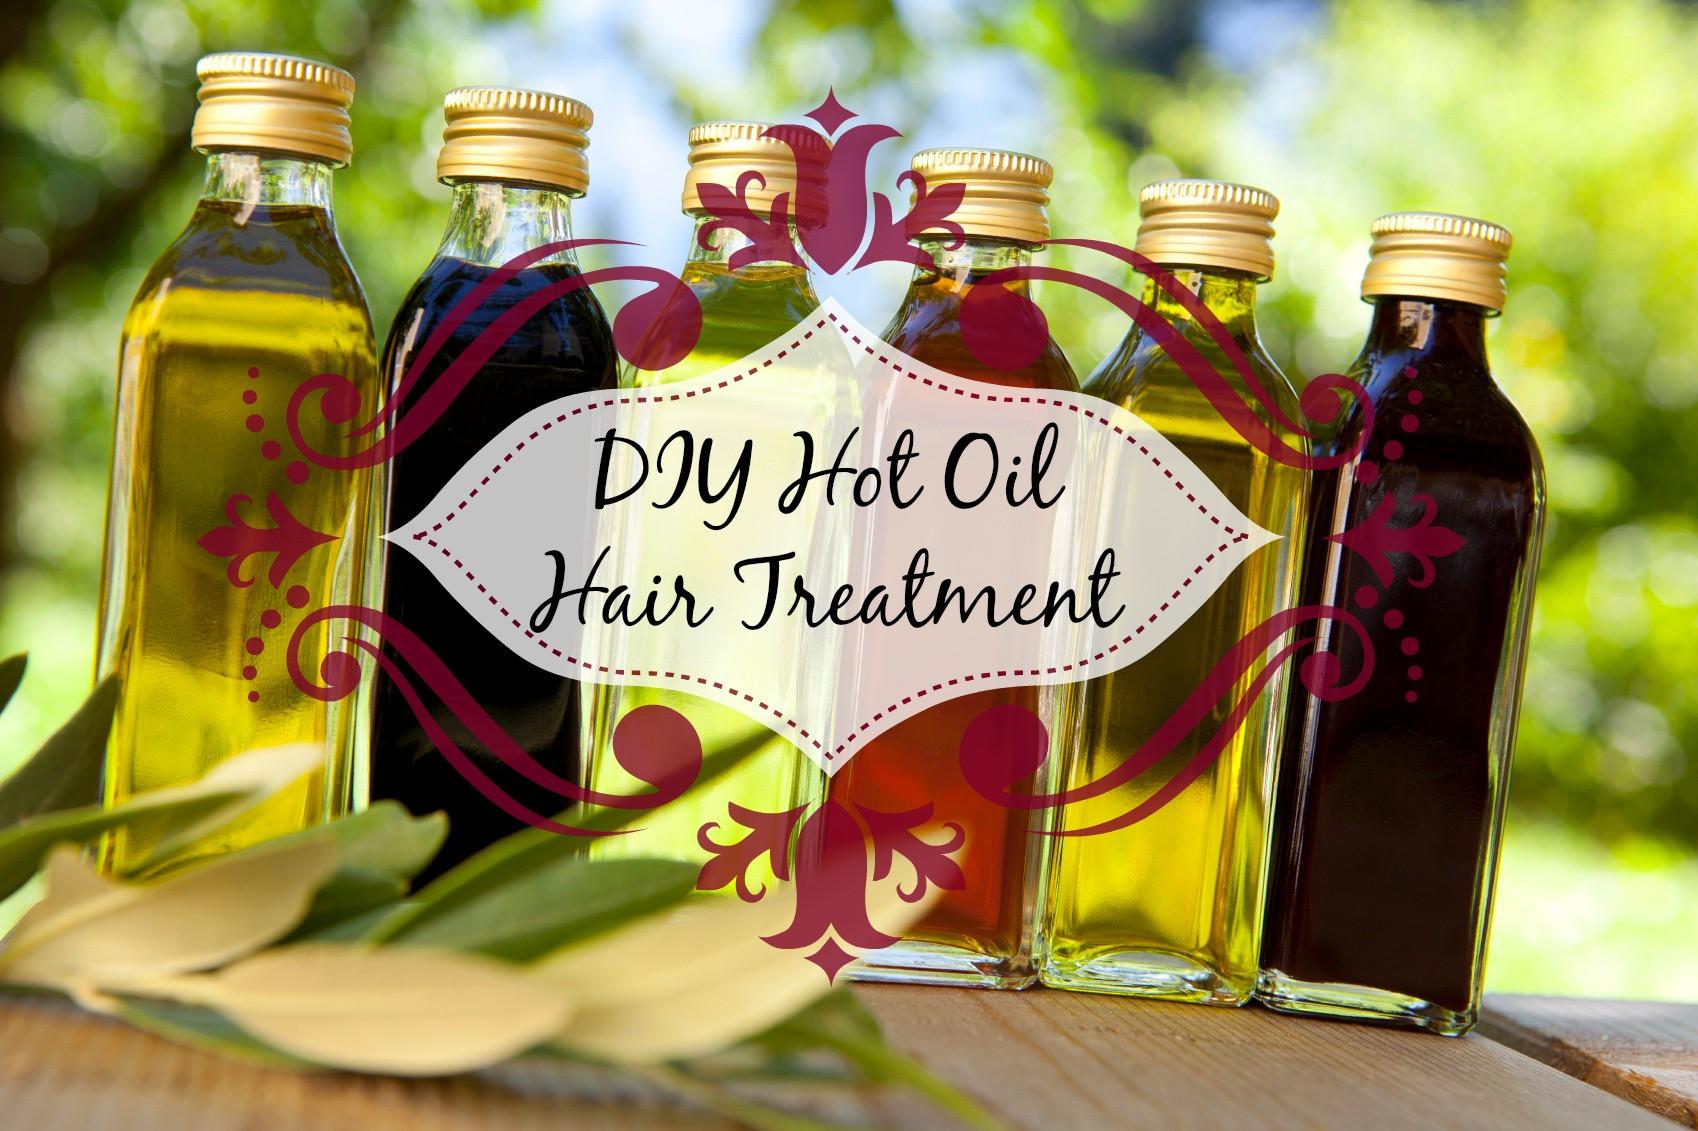 DIY Hot Oil Treatment For Damaged Hair  DIY Hot Oil Hair Treatment Mountain Mamas Blog